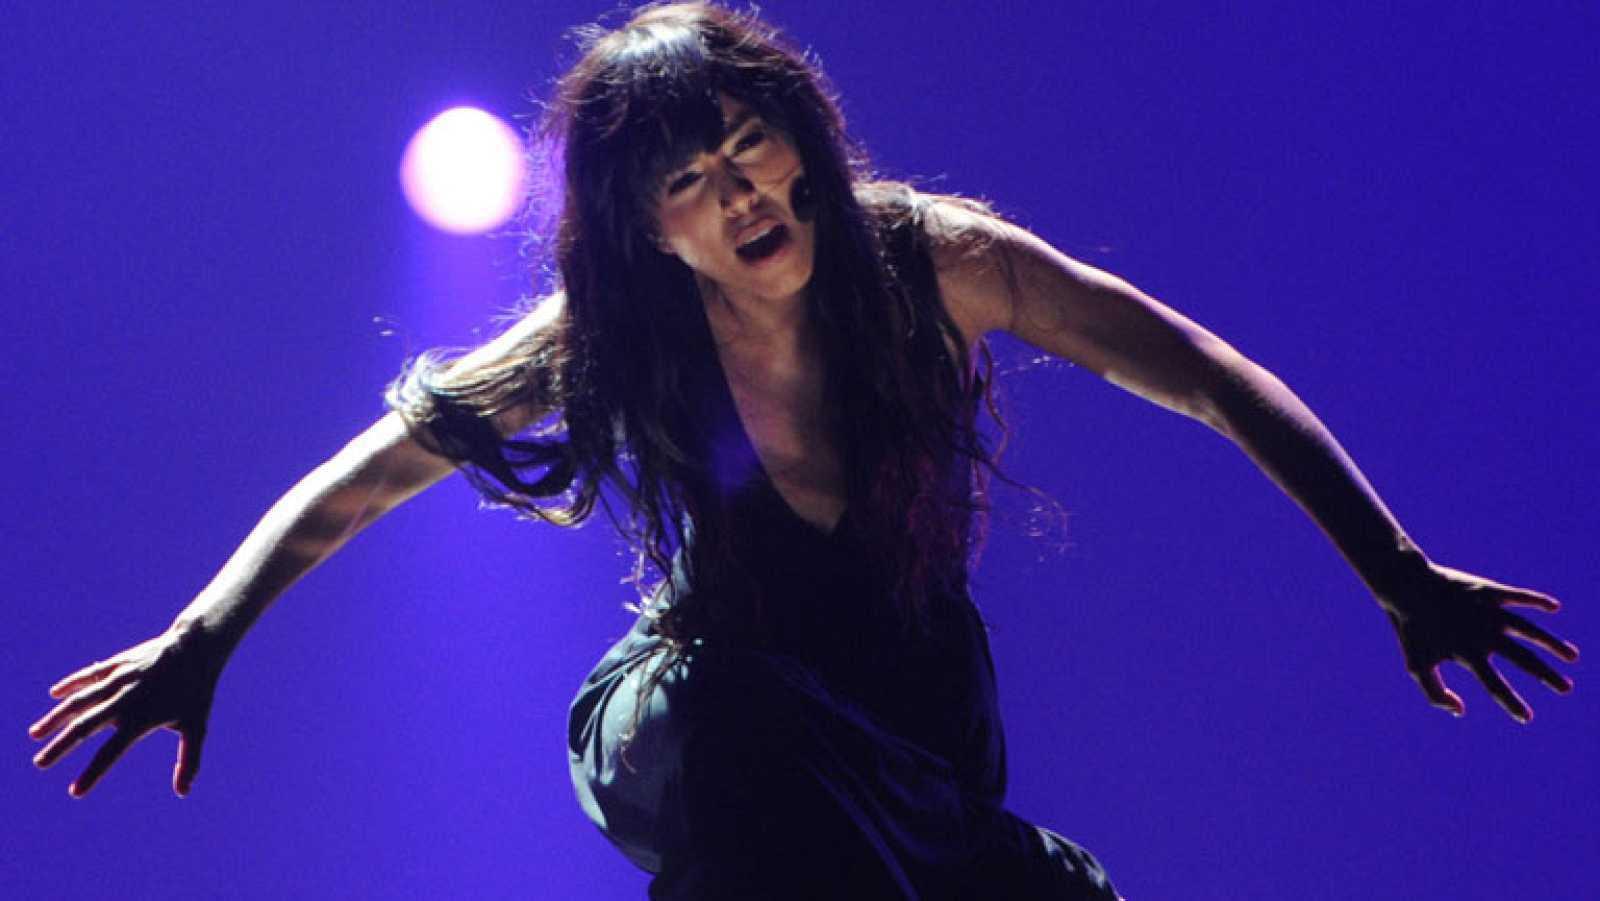 Final del Festival de Eurovisión 2012